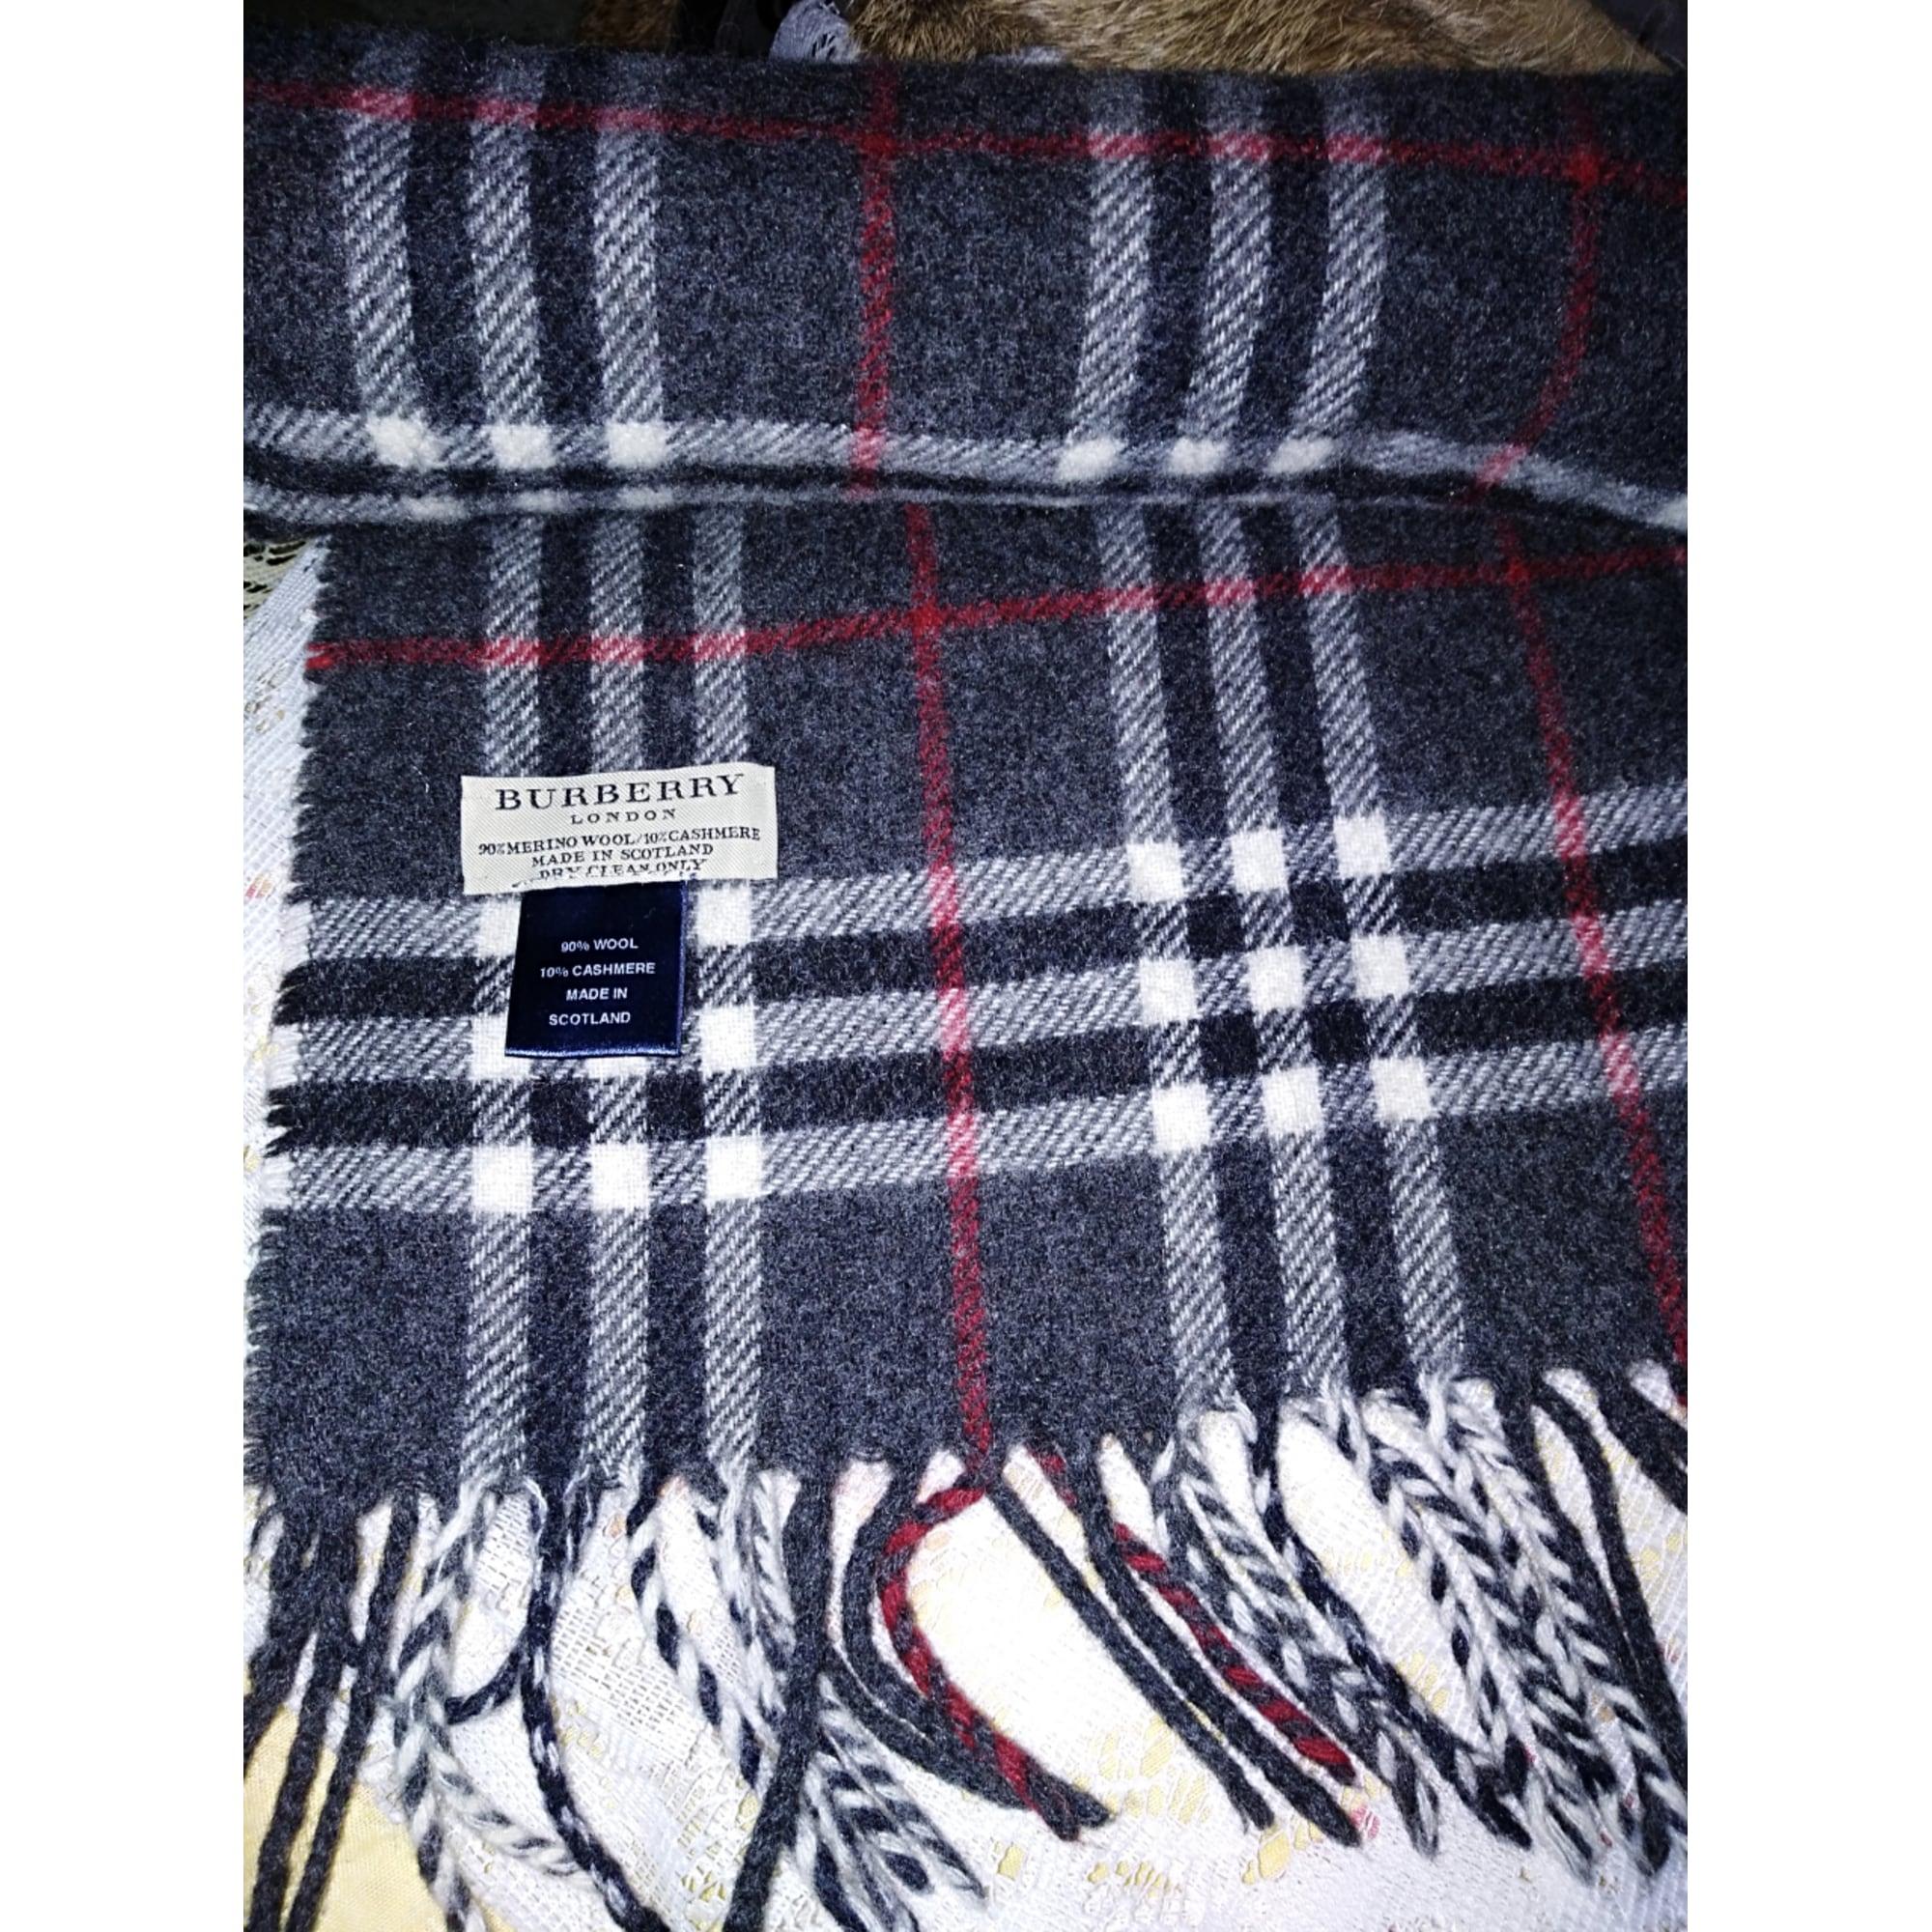 Echarpe BURBERRY gris vendu par Cleopatre12 - 8294357 d45e4eab39b